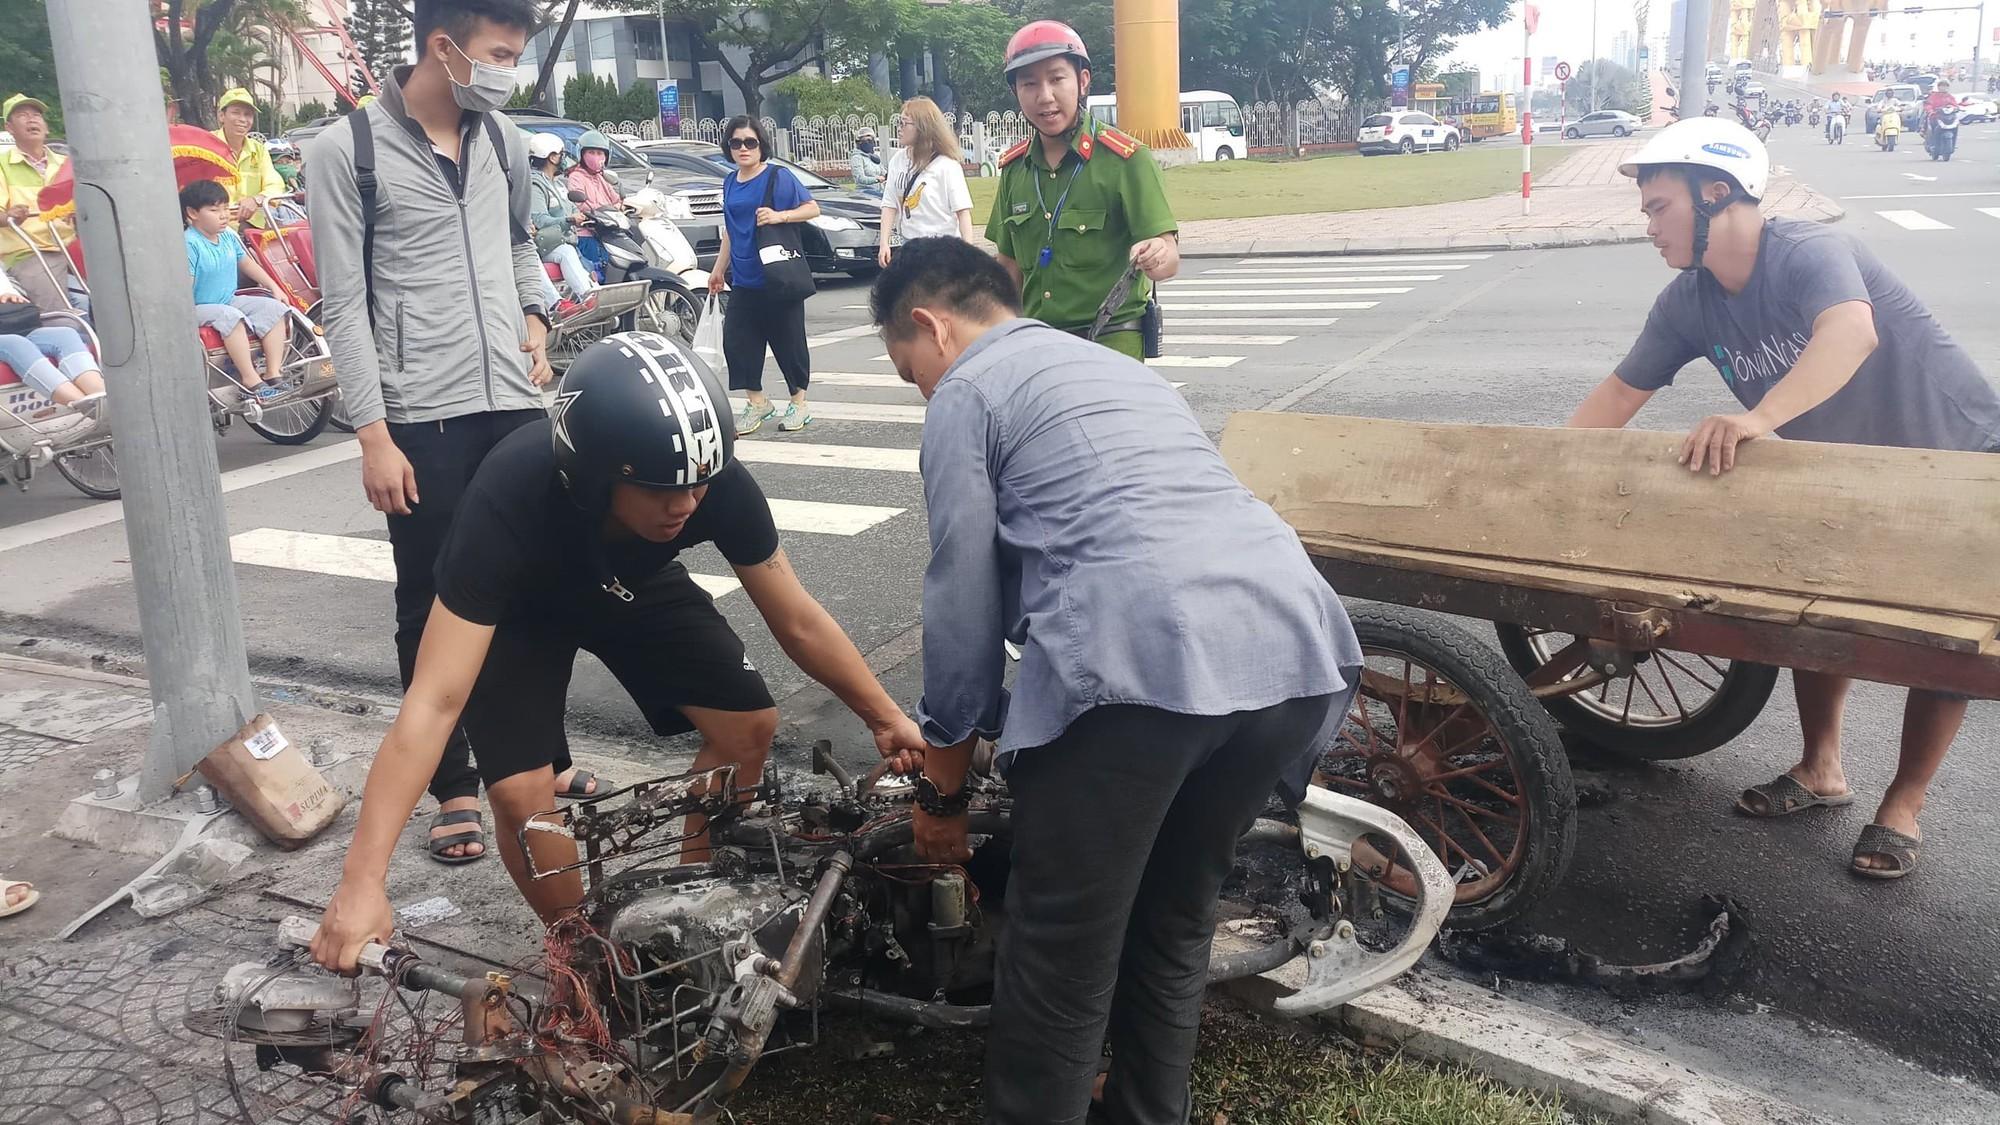 Xe tay ga bốc cháy dữ dội trên đường phố Đà Nẵng, cô gái trẻ tá hỏa bỏ chạy - Ảnh 3.